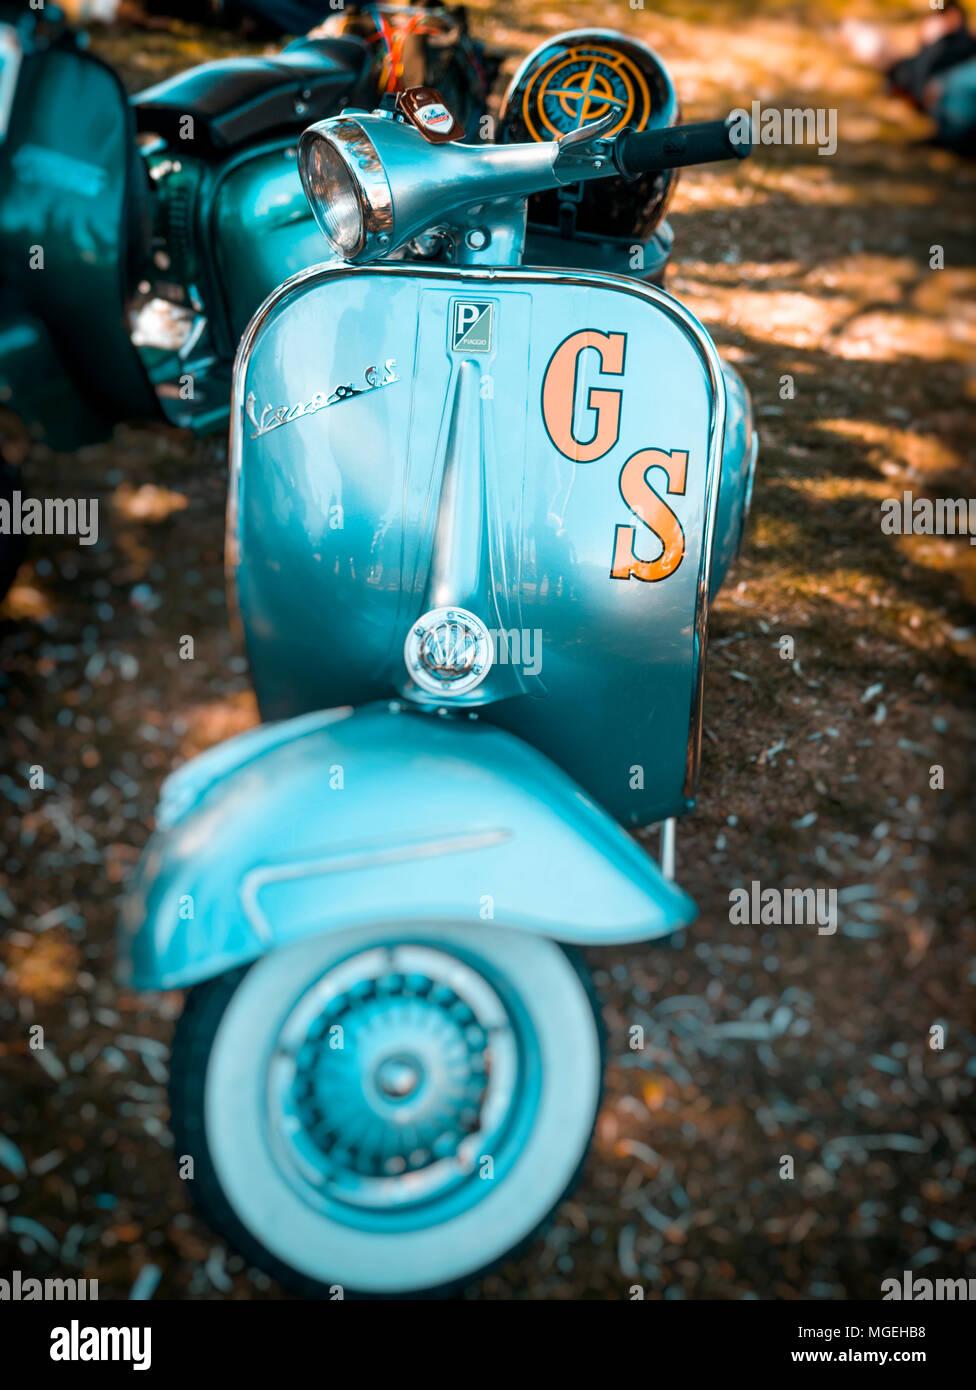 Scooter Vespa GS d'un insigne, d'abord fabriqués en 1946, Florence, Italie. Banque D'Images